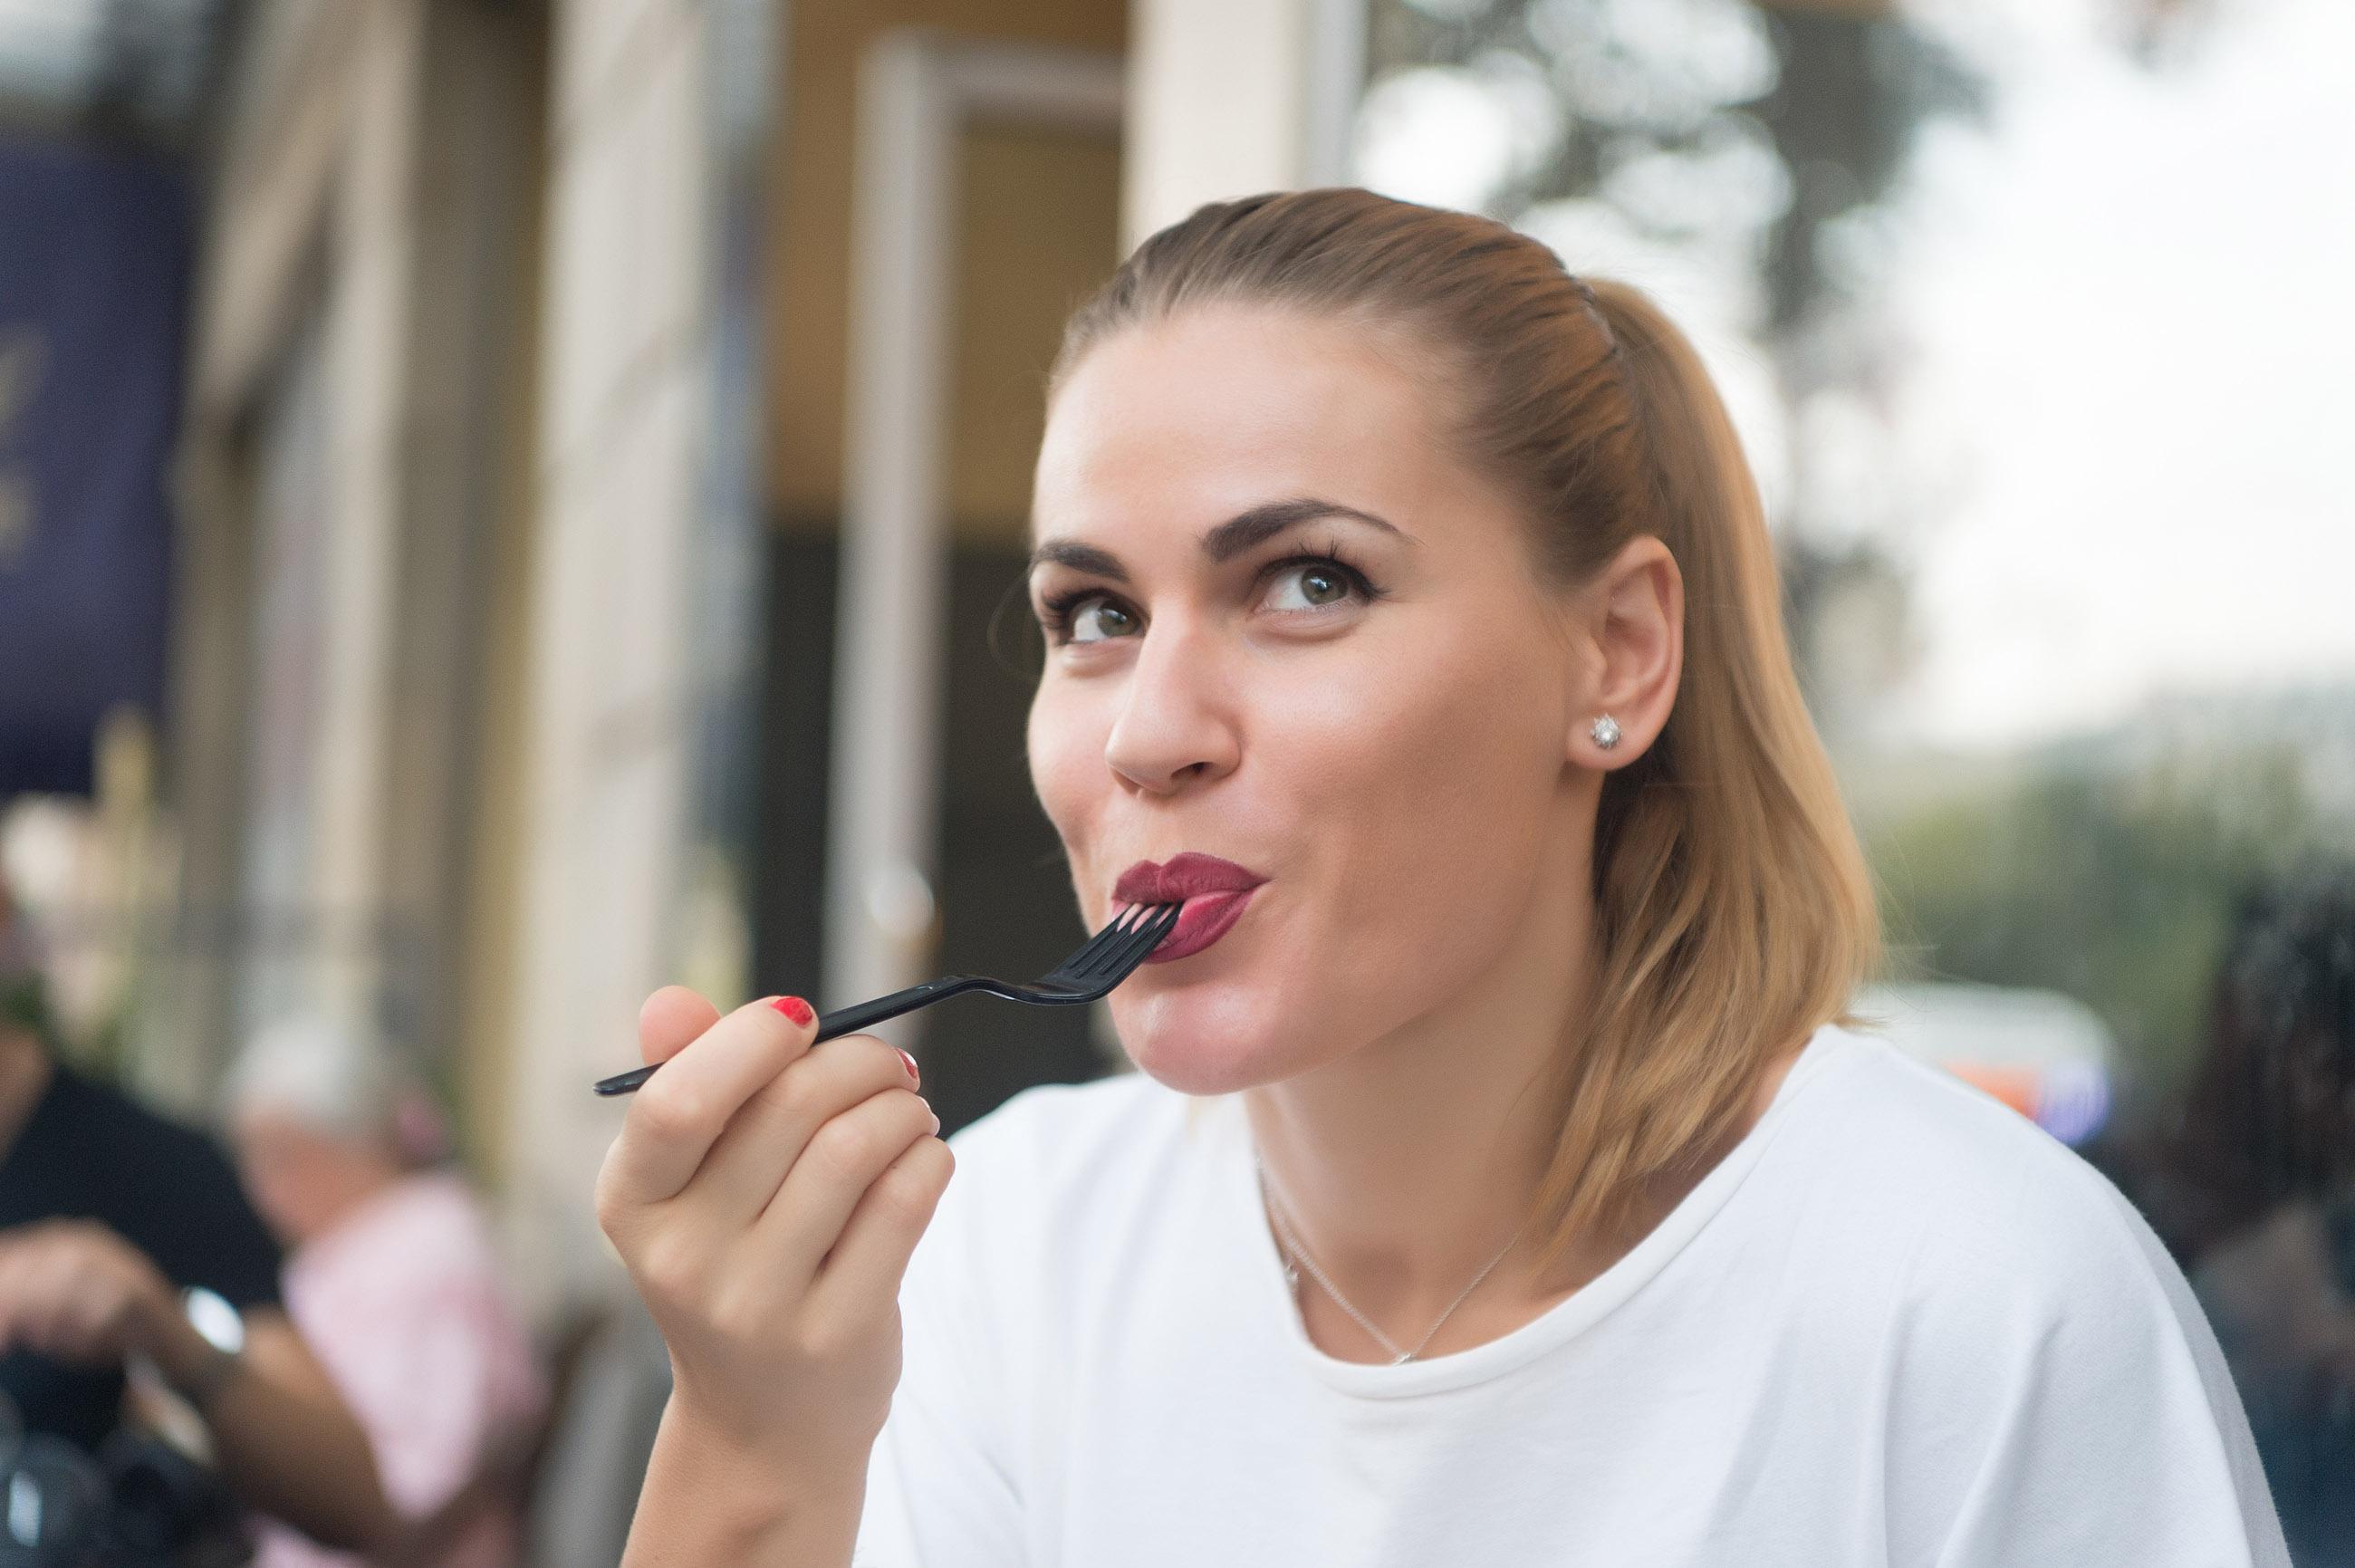 Retrato de una joven mirando hacia arriba con picardía mientras come algo con un tenedor. Por lo que se ve al fondo, parece estar sentada en un restaurante.